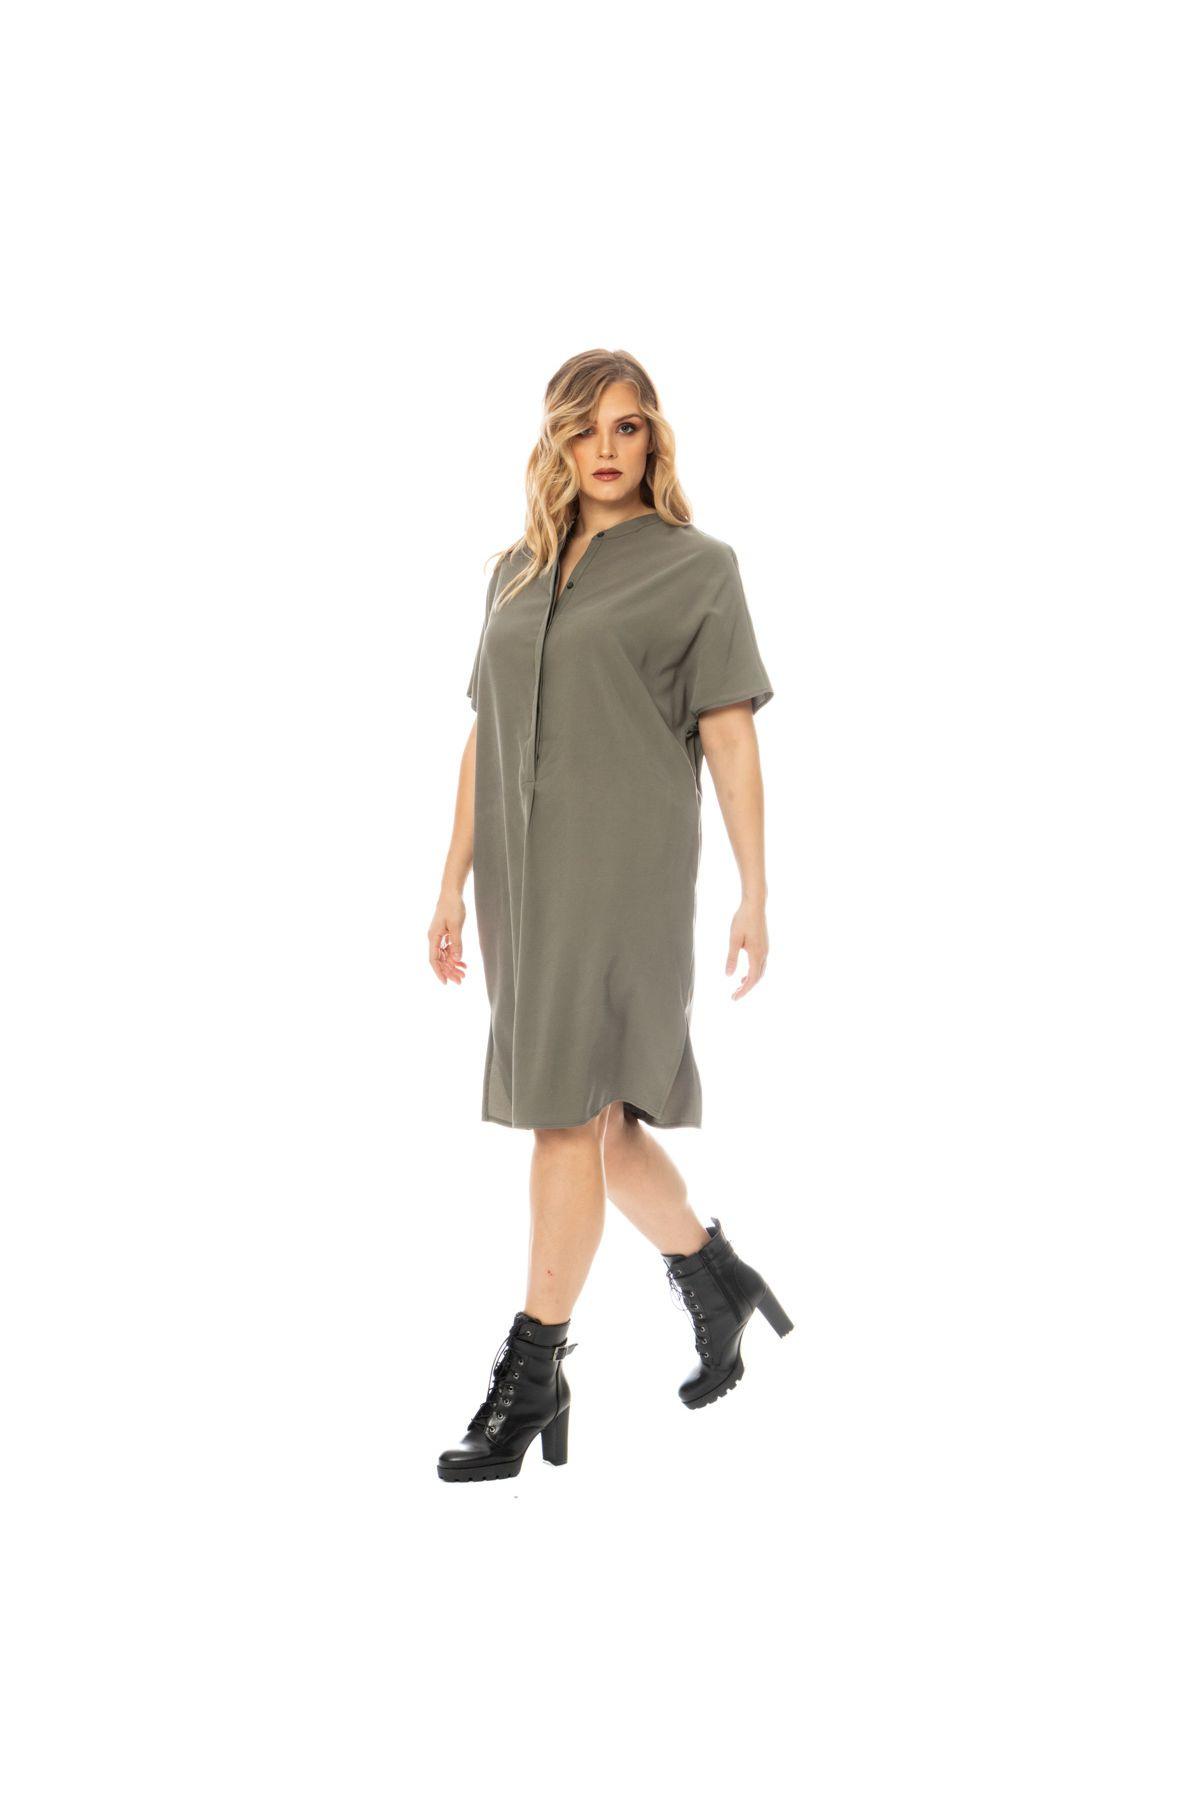 Midi-Tunika-Kleid Mit Seitentaschen In Khaki - Vivalous